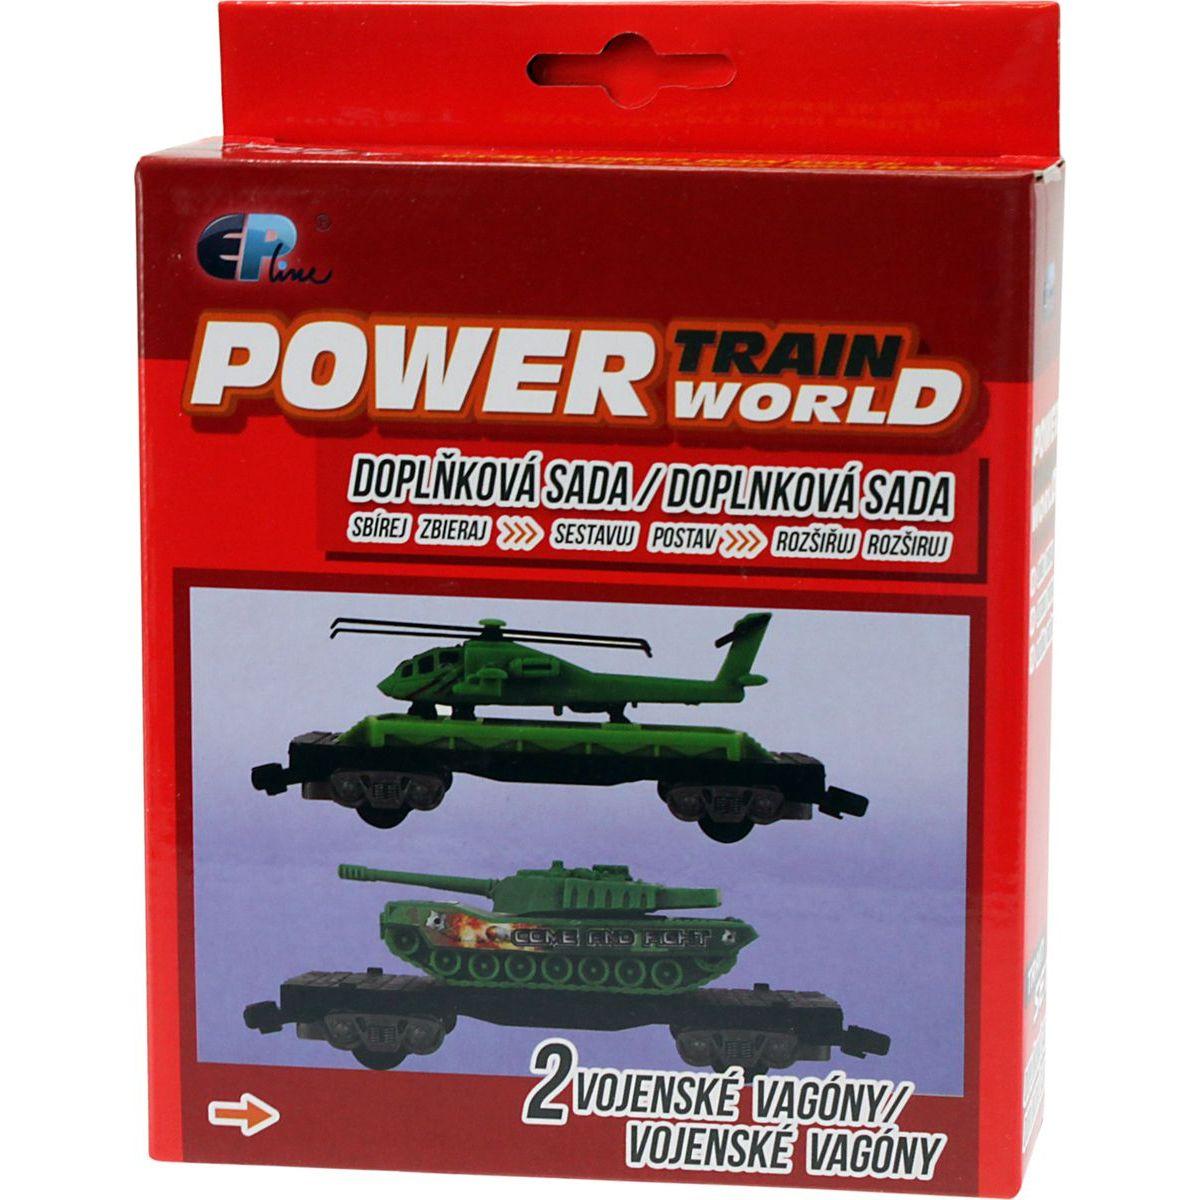 Power Train World Vojenské vagóny